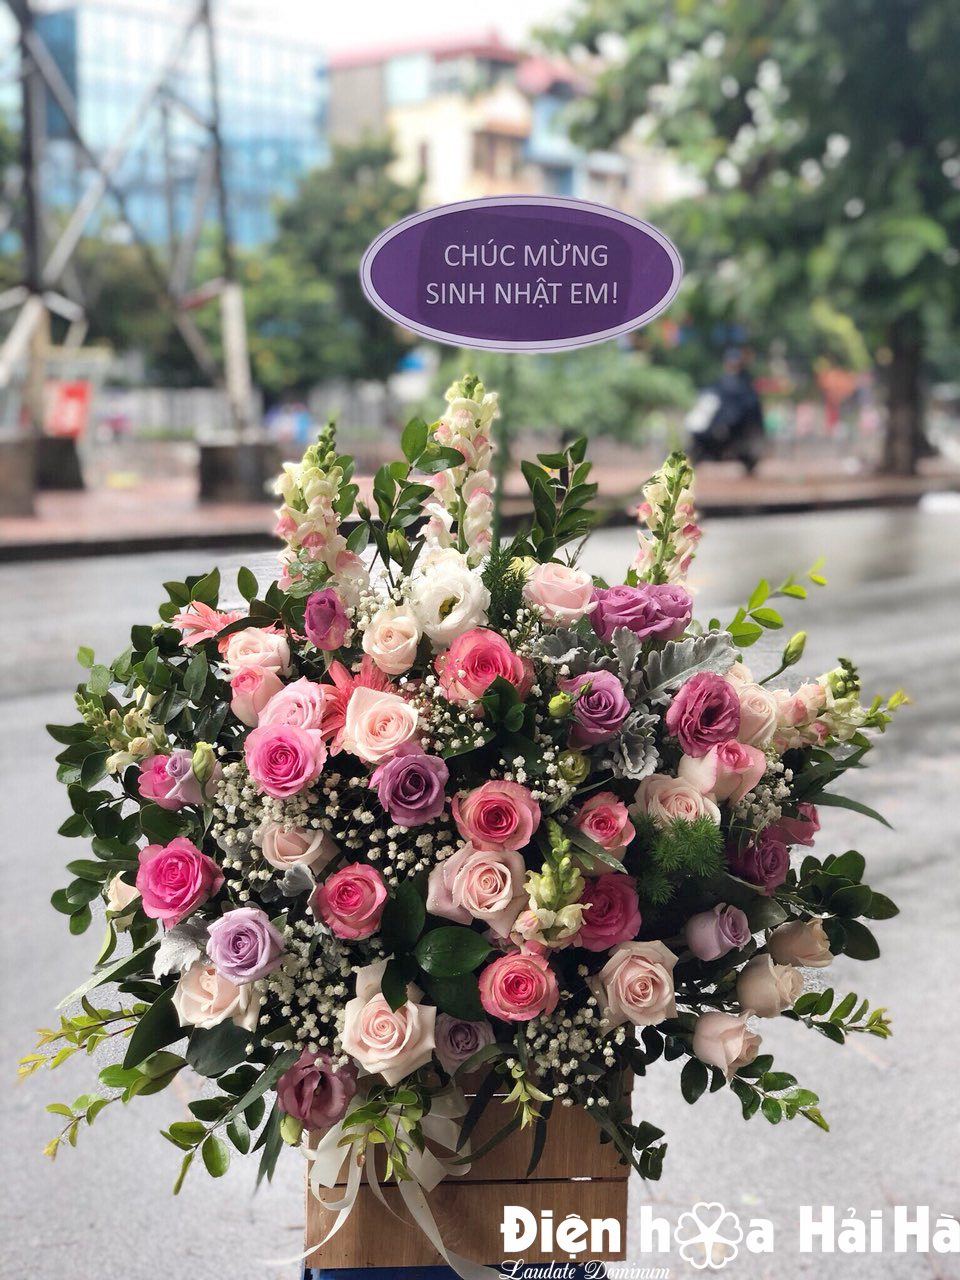 Giỏ hoa đẹp ngày 20/10 tặng bà, vợ, cô giáo